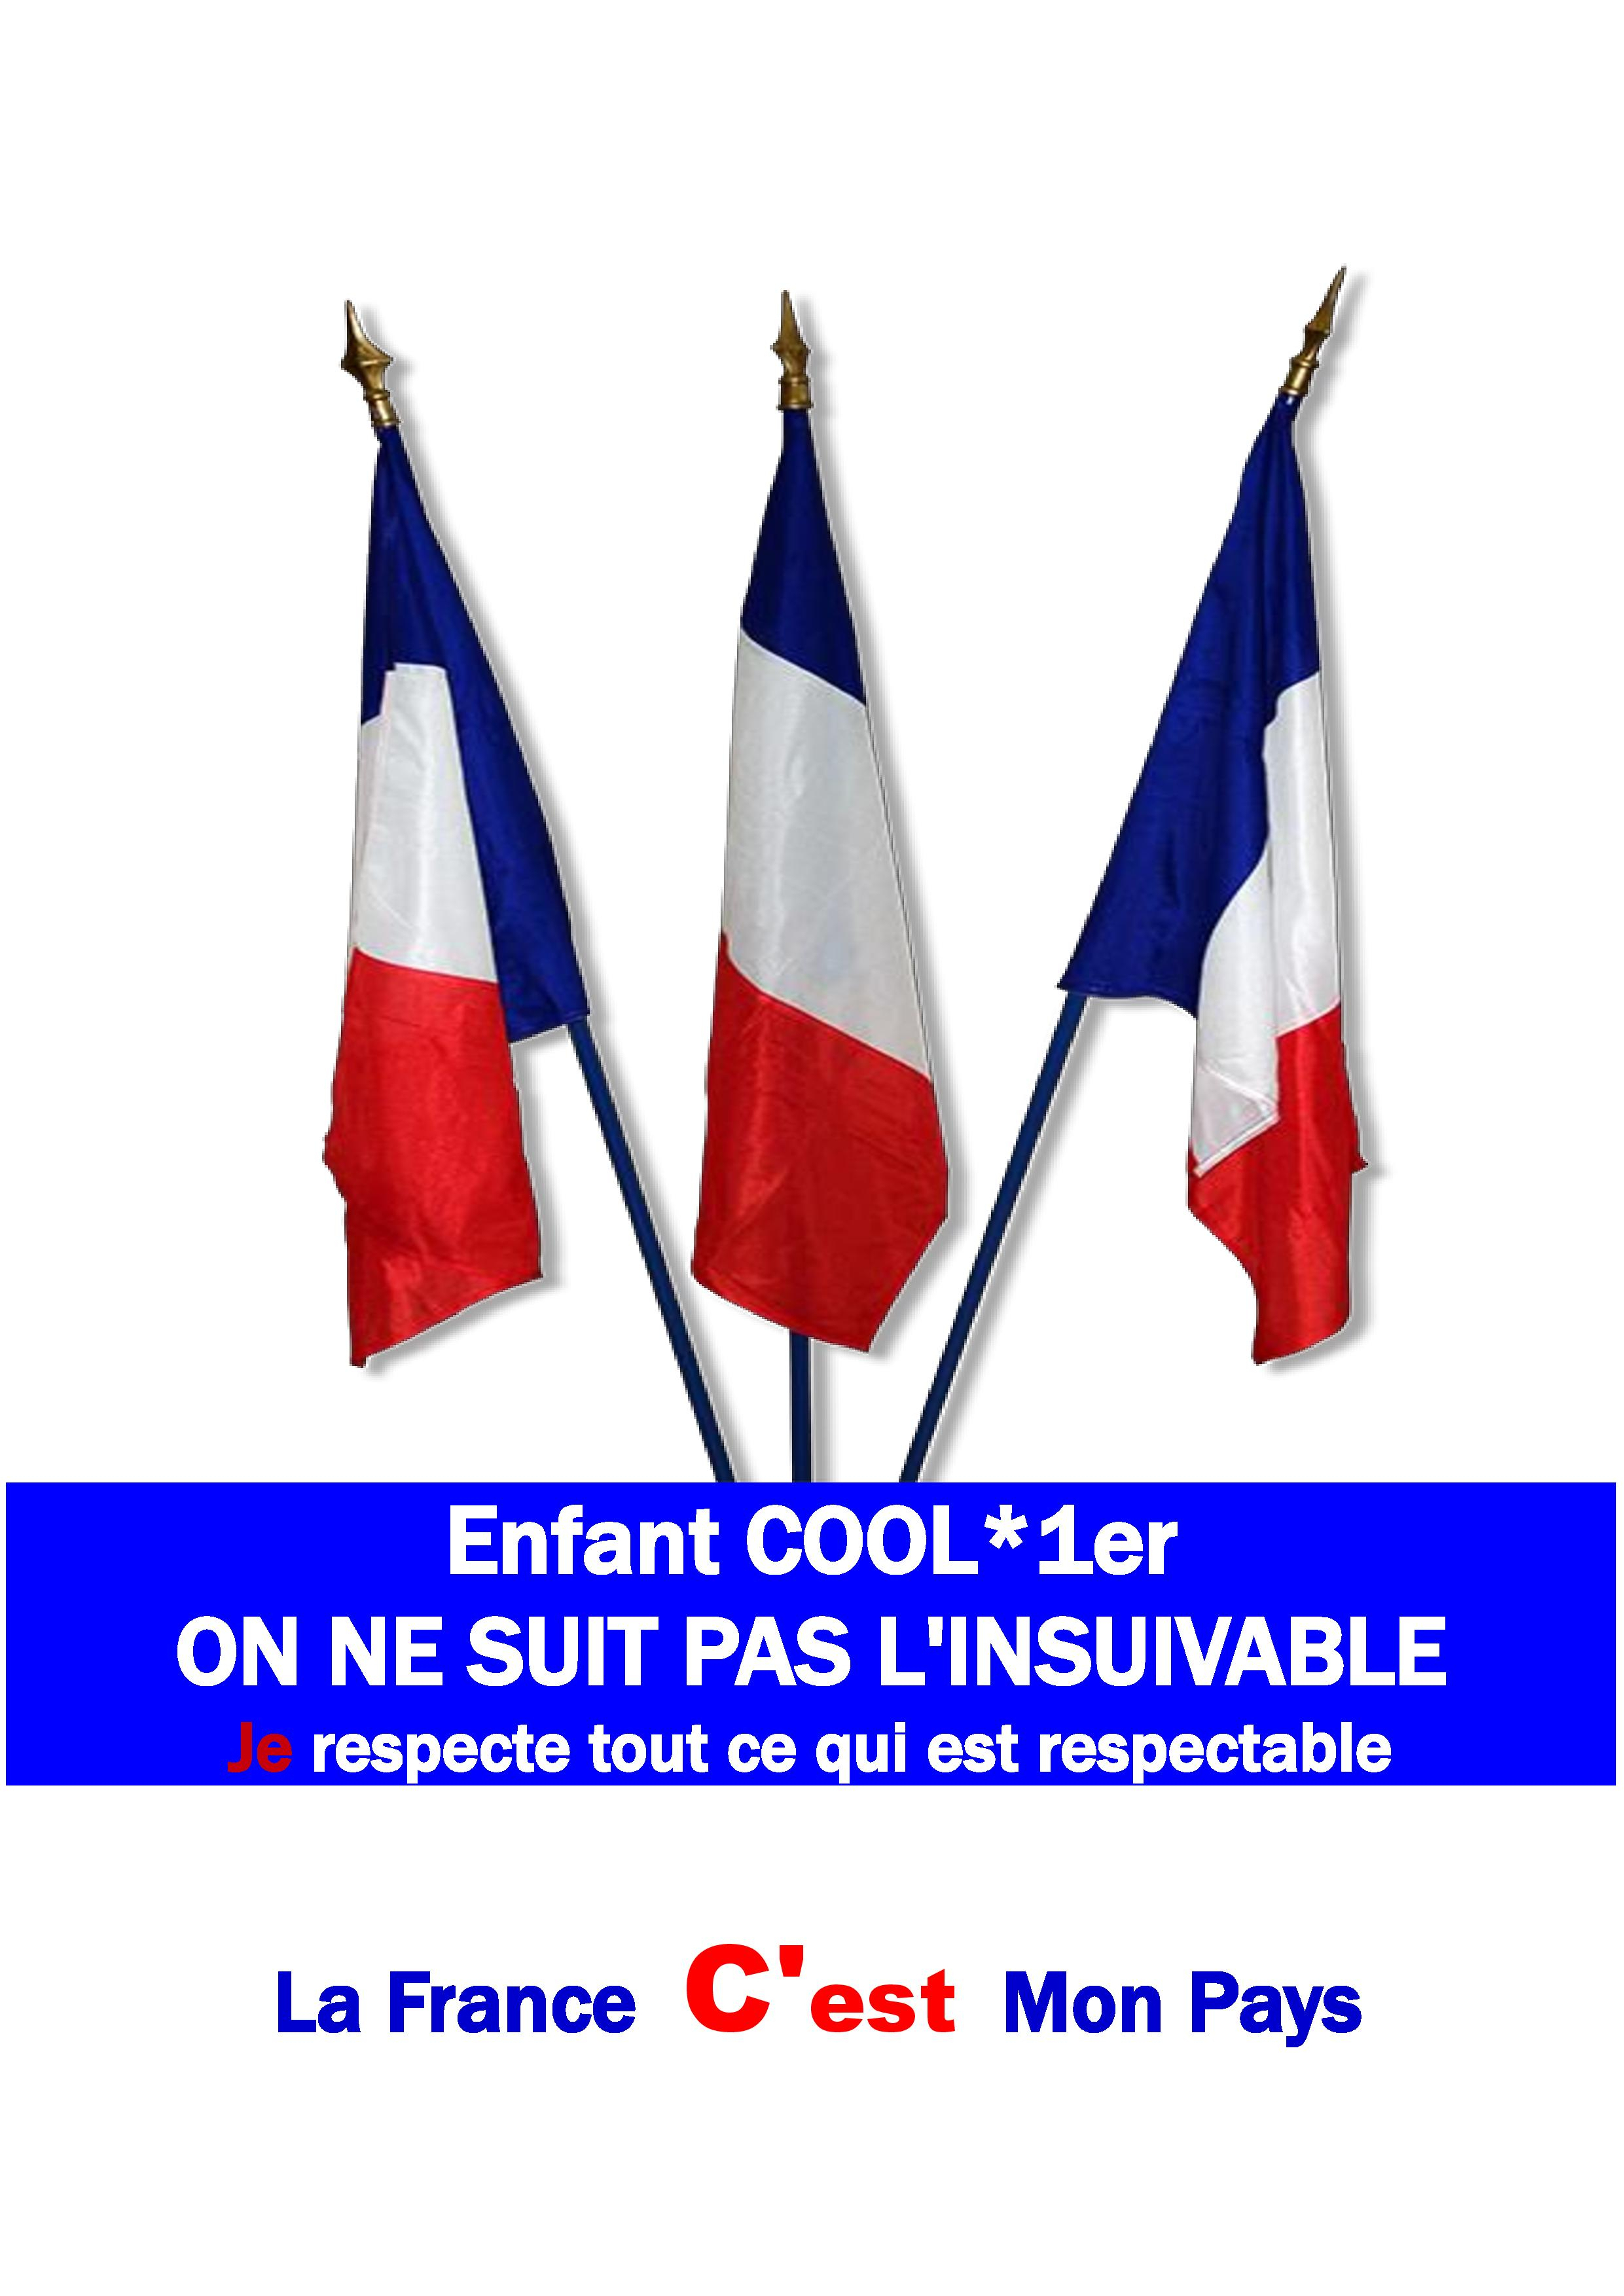 ENFANT COOL 1ER - ON NE SUIT PAS L'INSUIVABLE